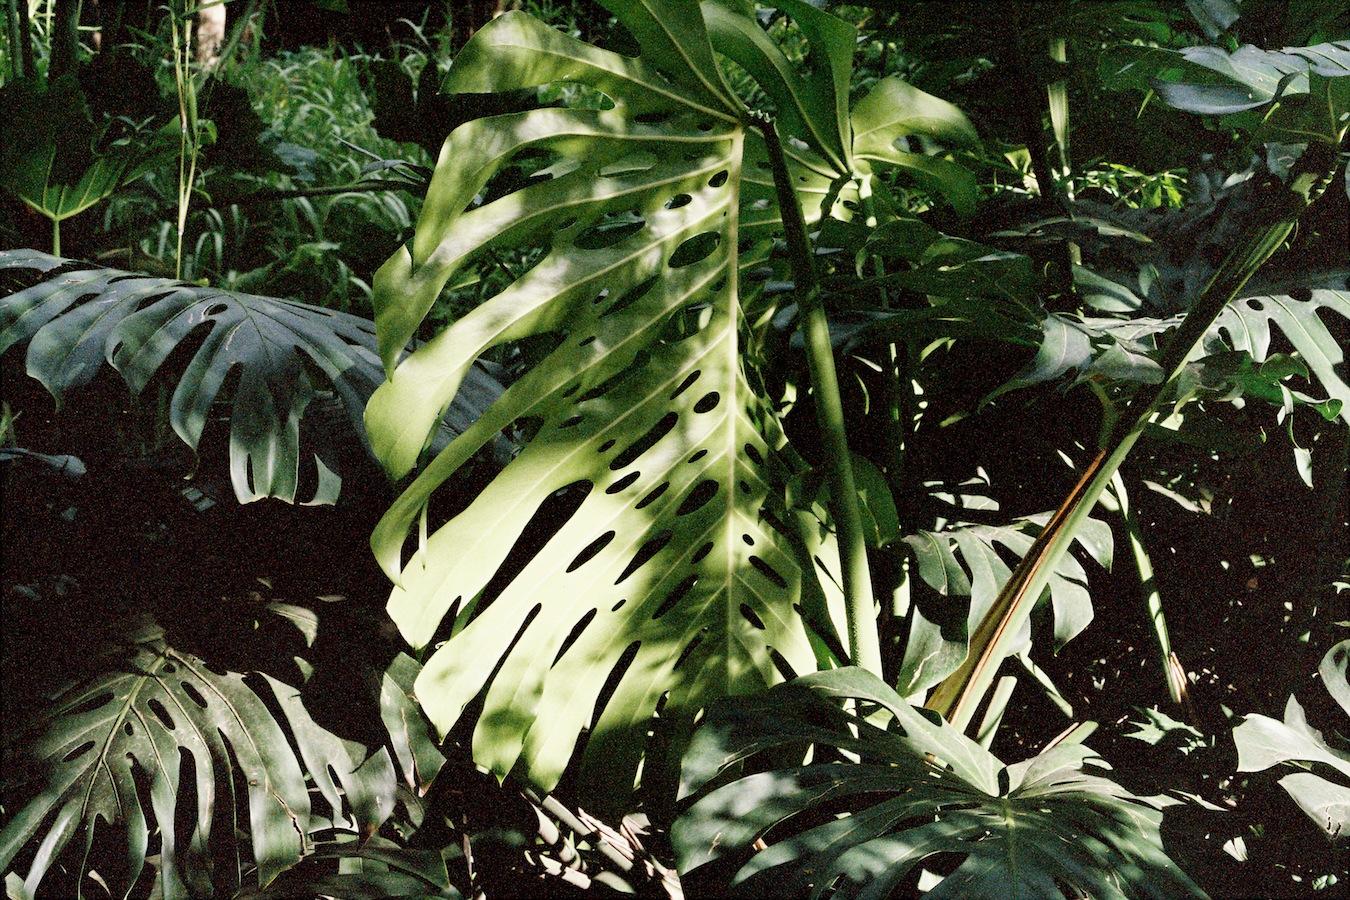 http://lafilladelfotografu.irenavisa.com/files/gimgs/88_f1020027-1.jpg